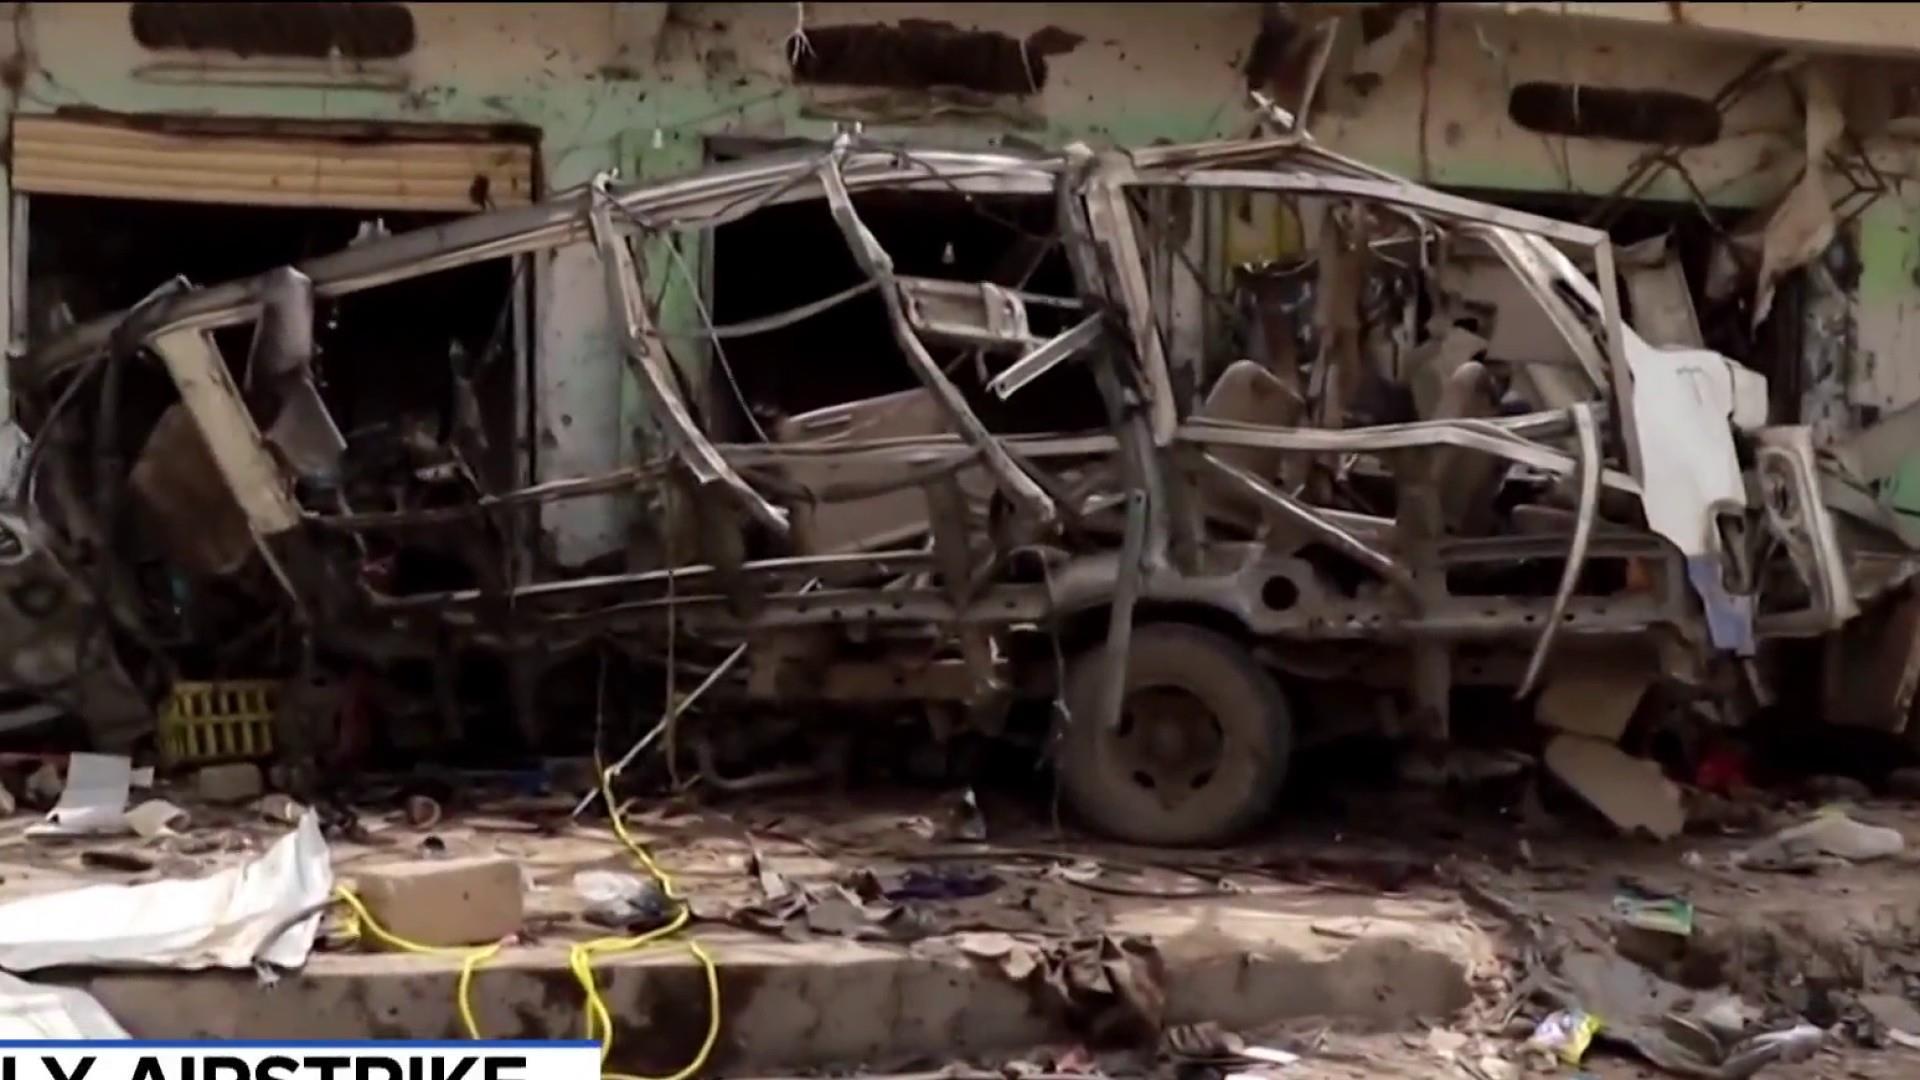 An airstrike in Yemen struck a school bus, killing children